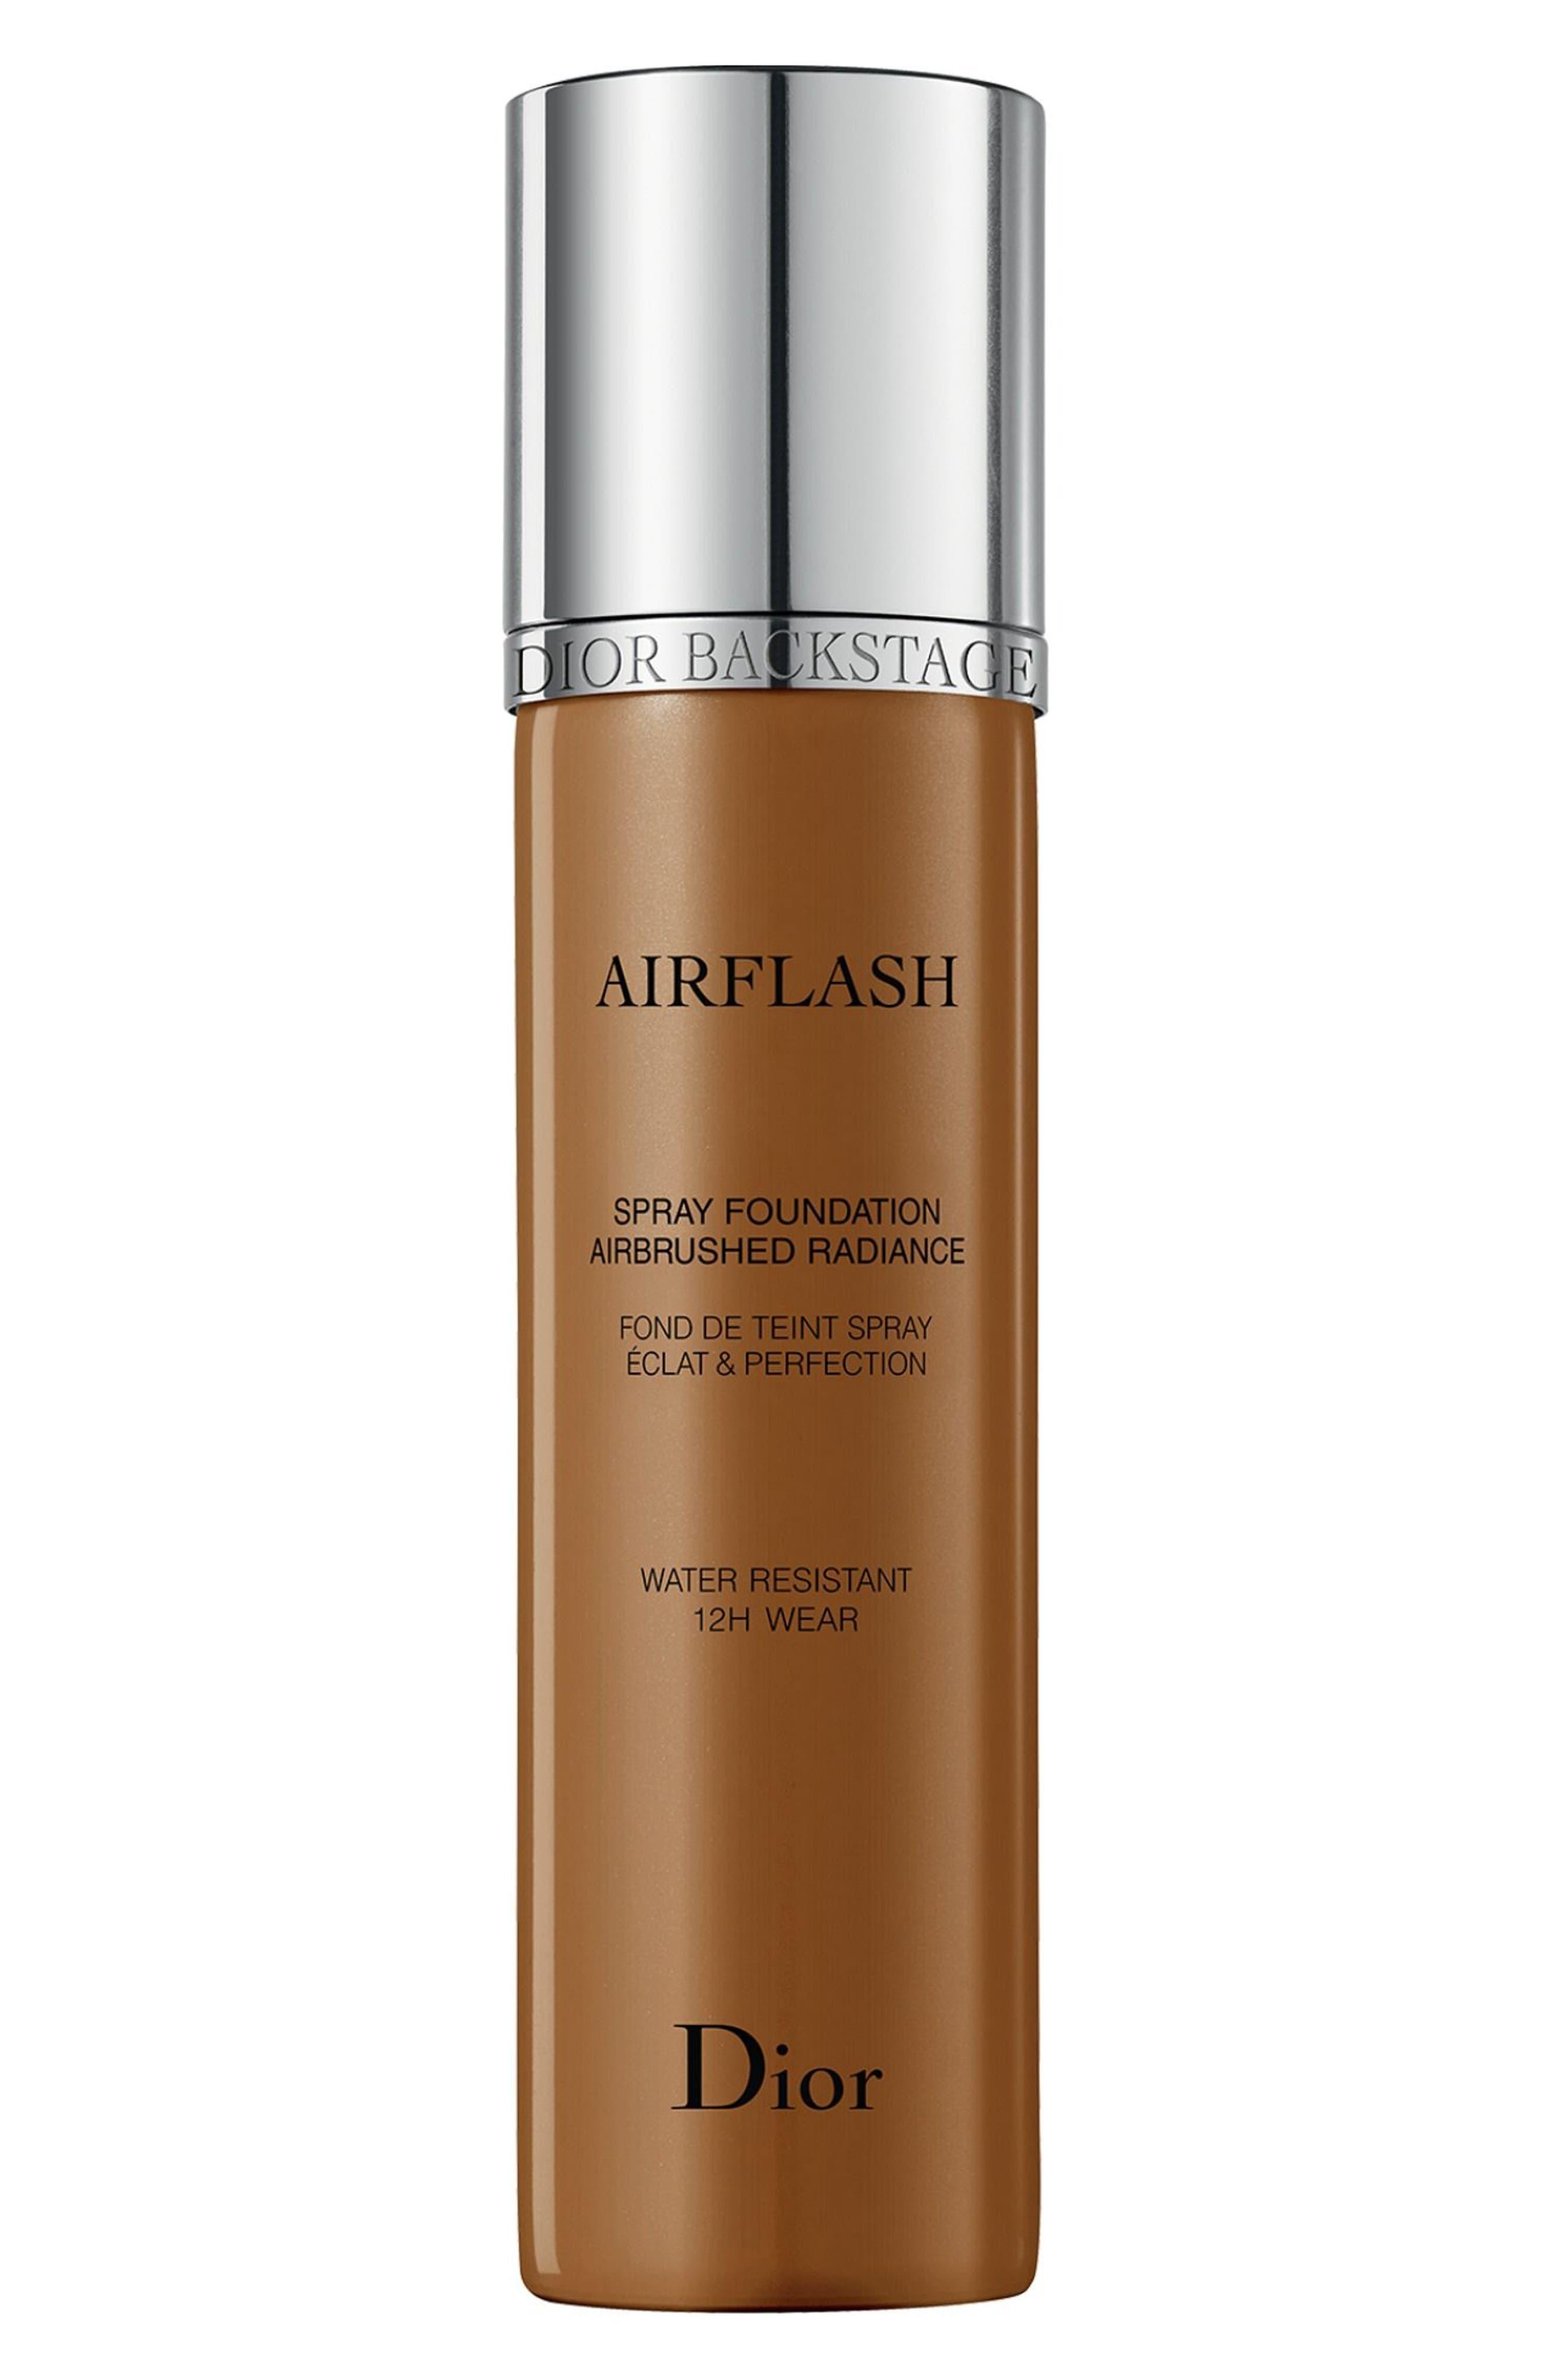 Dior Diorskin Airflash Spray Foundation - 600 Mocha